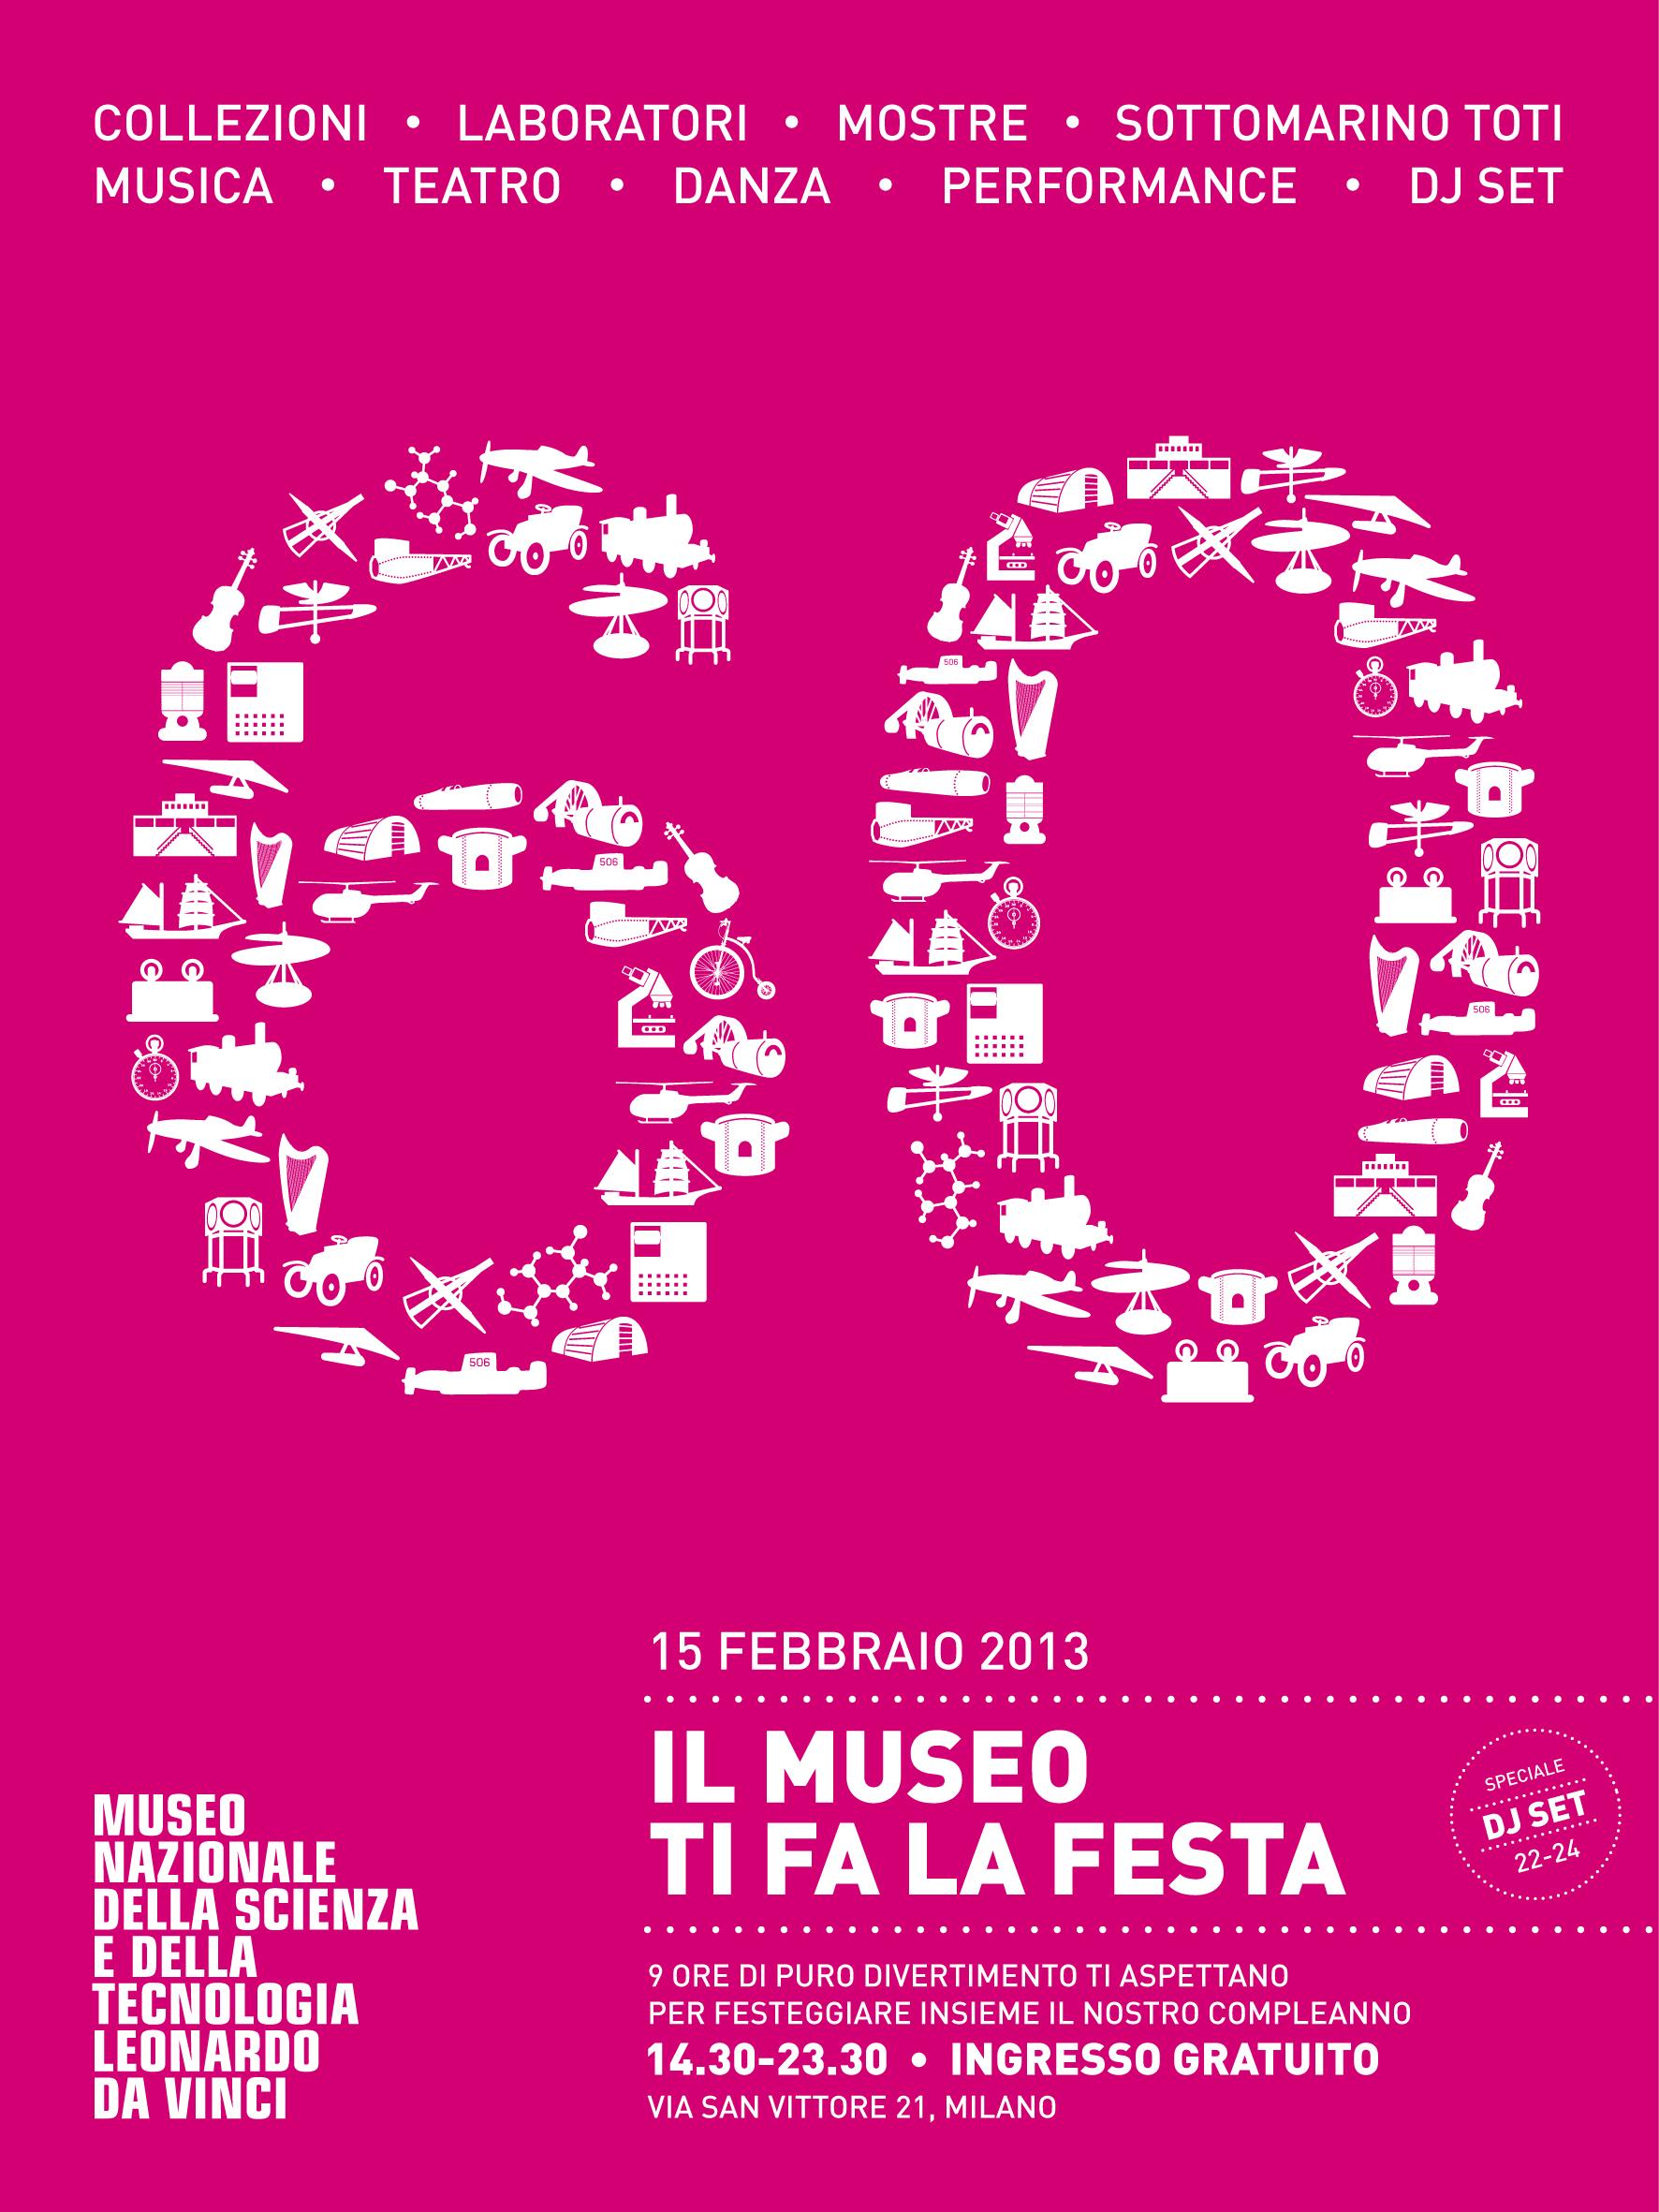 Ingresso gratuito al Museo della Scienza e della Tecnica di Milano